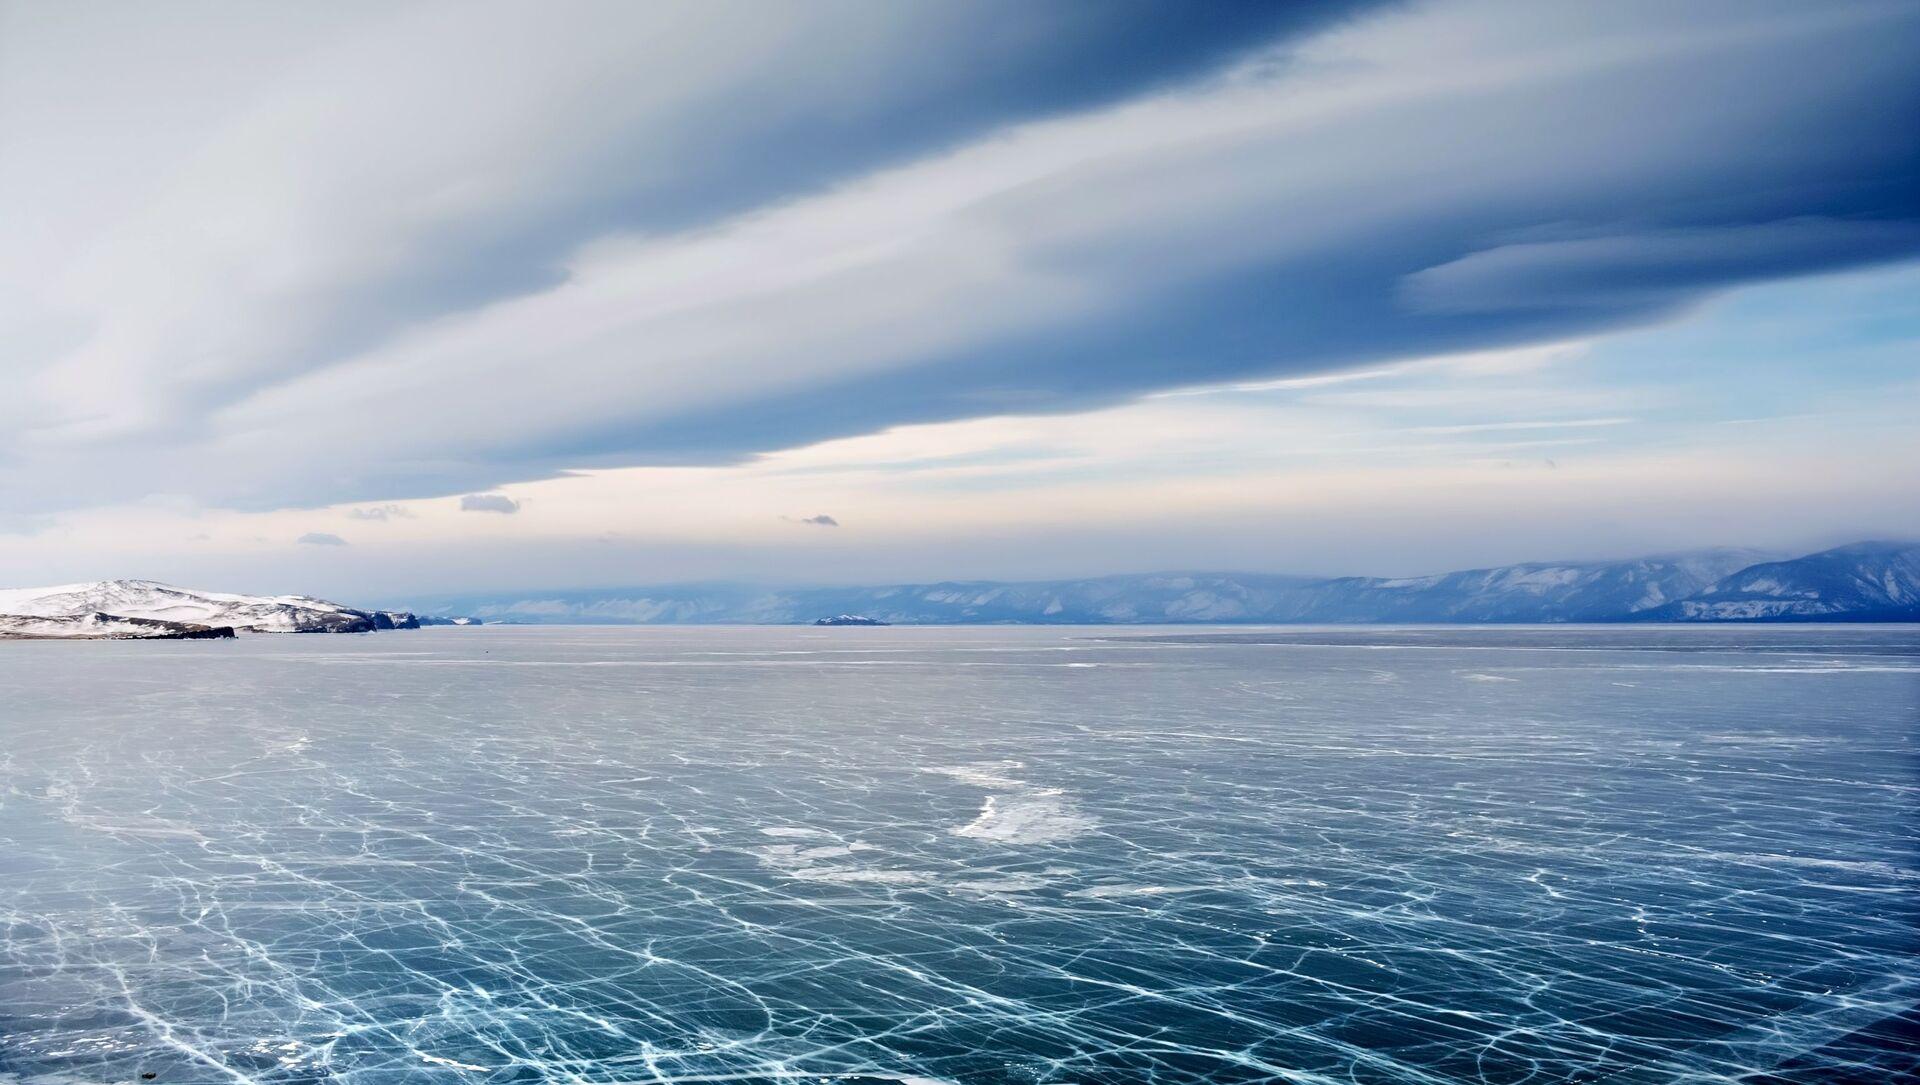 Bajkal v zimě není jen největší ledové kluziště na světě, ale i magické zrcadlo ozdobené krami a trhlinami - Sputnik Česká republika, 1920, 03.04.2021